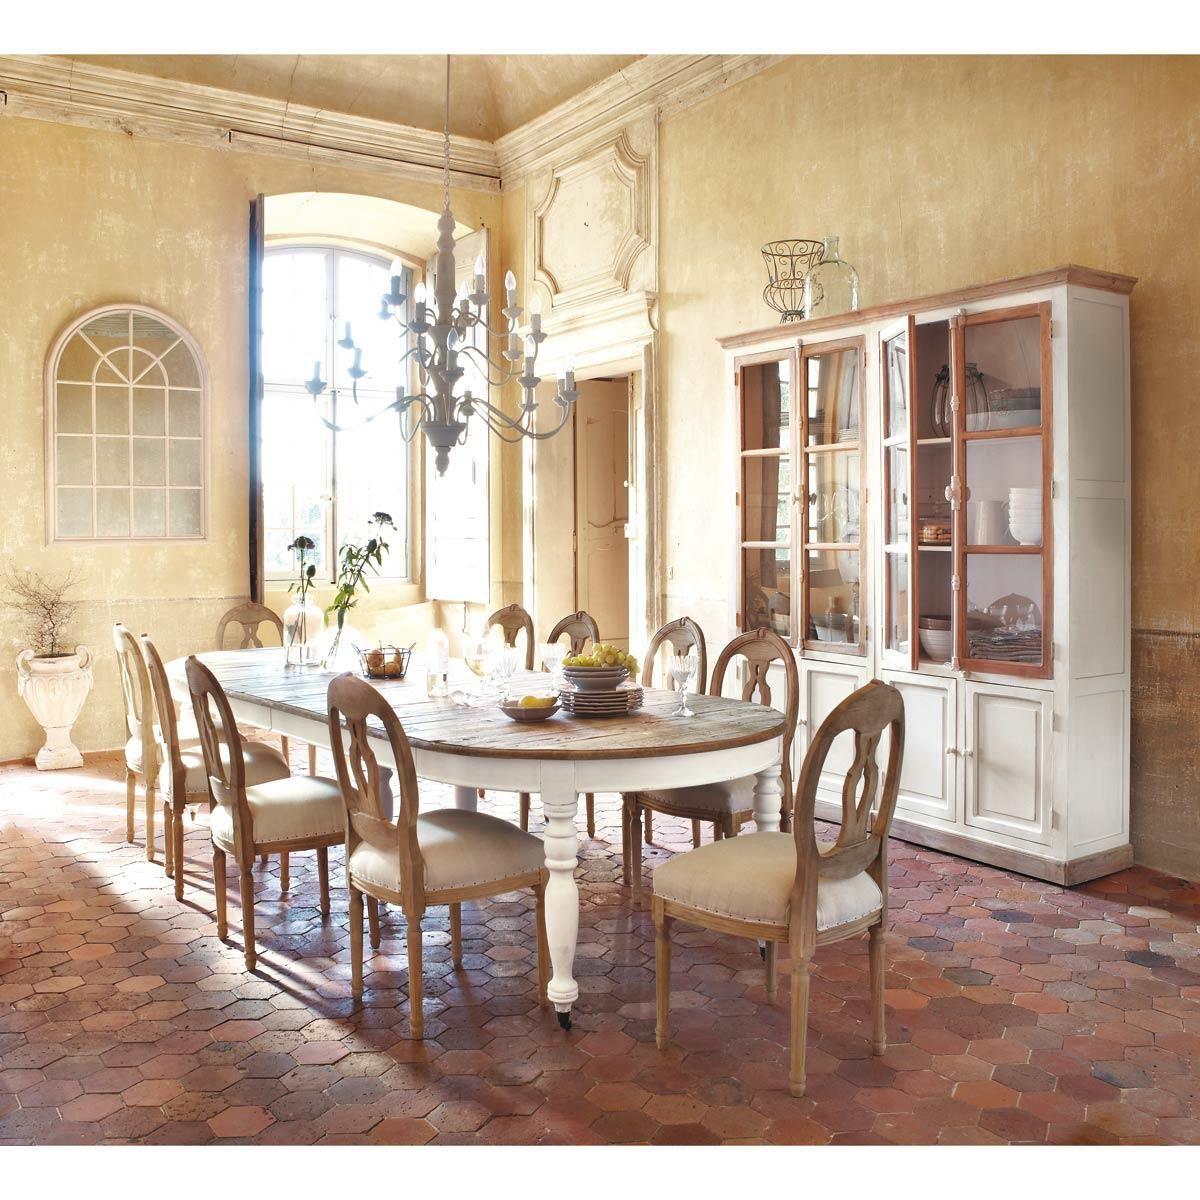 Tavolo da pranzo allungabile a rotelle 6 a 14 persone 125 325 cm case pinterest tavolo - Maison du monde tavoli pranzo ...